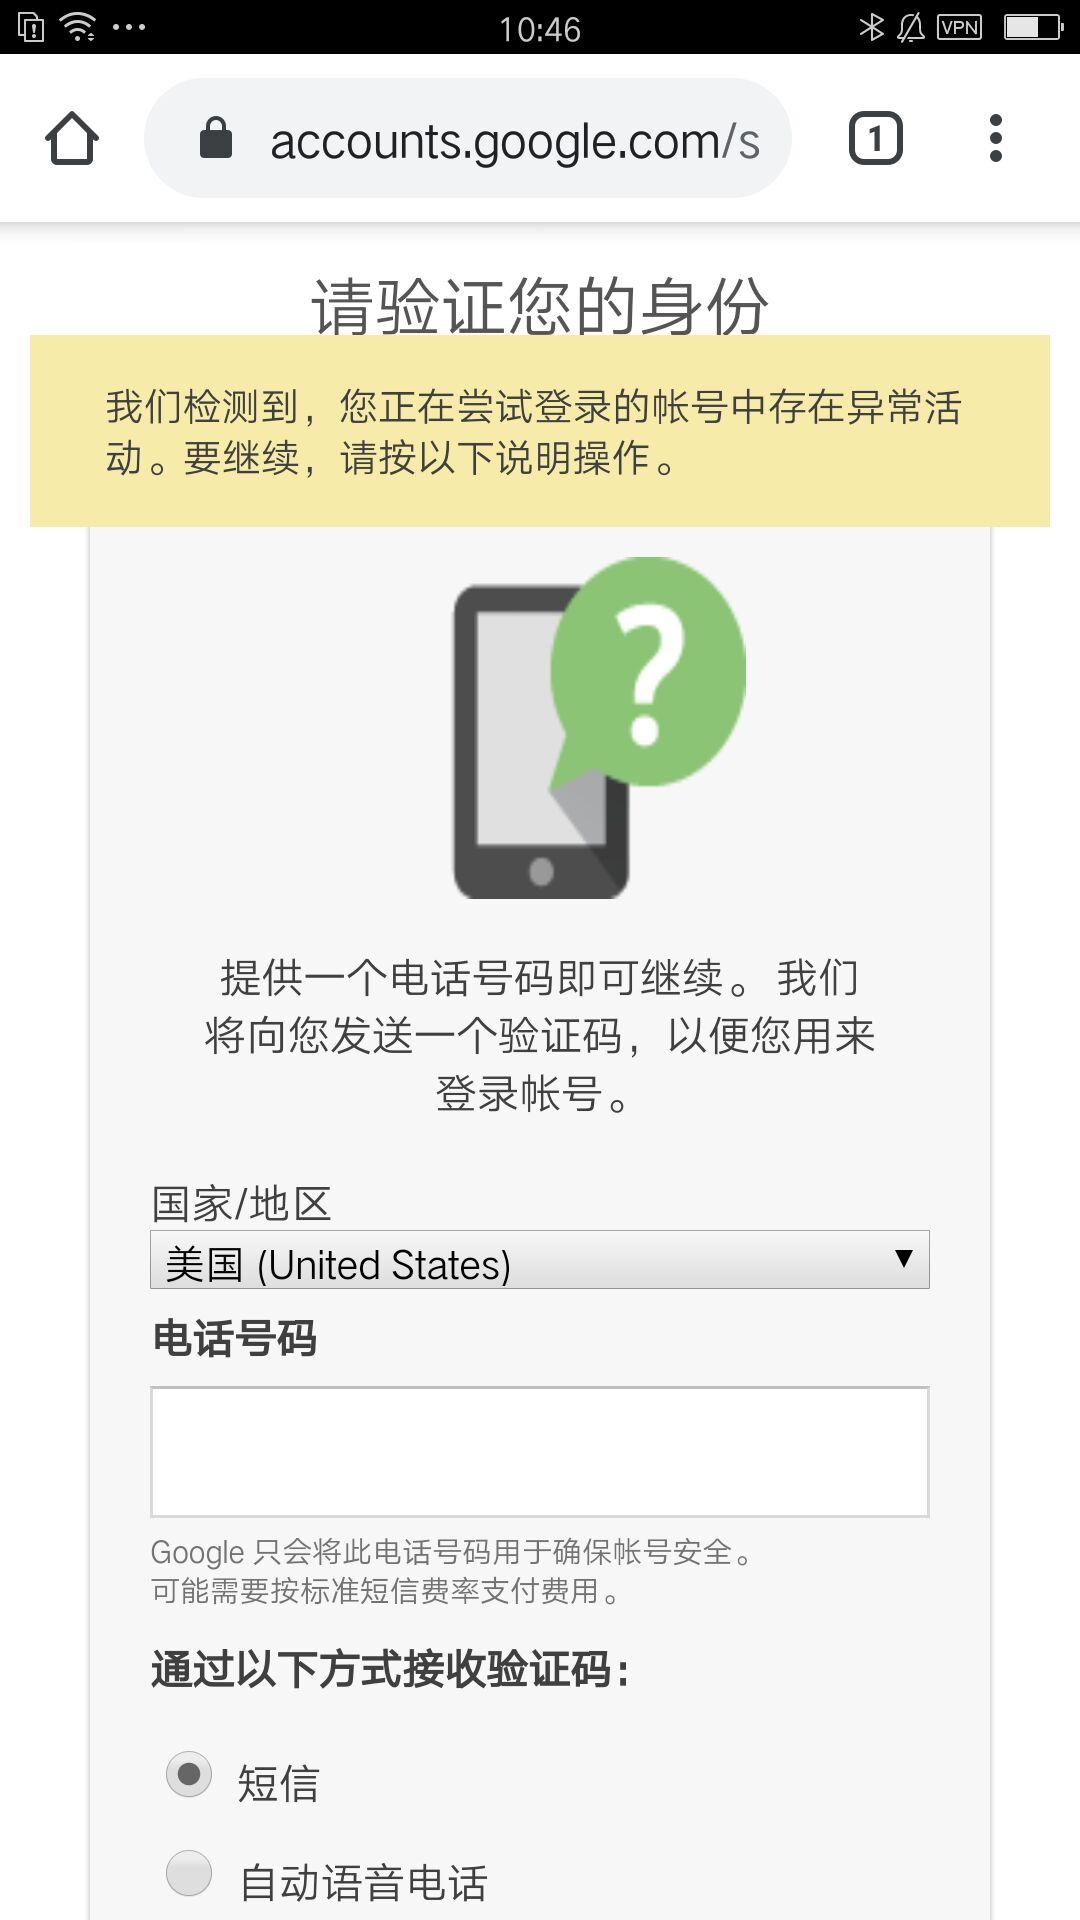 谷歌账号检测到异常活动|谷歌账号存在异常|谷歌账号注册后异常|注册完谷歌账号就异常|谷歌登录异常活动|登录谷歌账号存在异常|谷歌账号异常手机无法验证|谷歌账号异常活动-解决方法:找一个没有注册过的手机号用来接码即可。没有必要非得是国外的.如果您怕麻烦或者想快点解决,可以找我付费处理,不成功全额退款